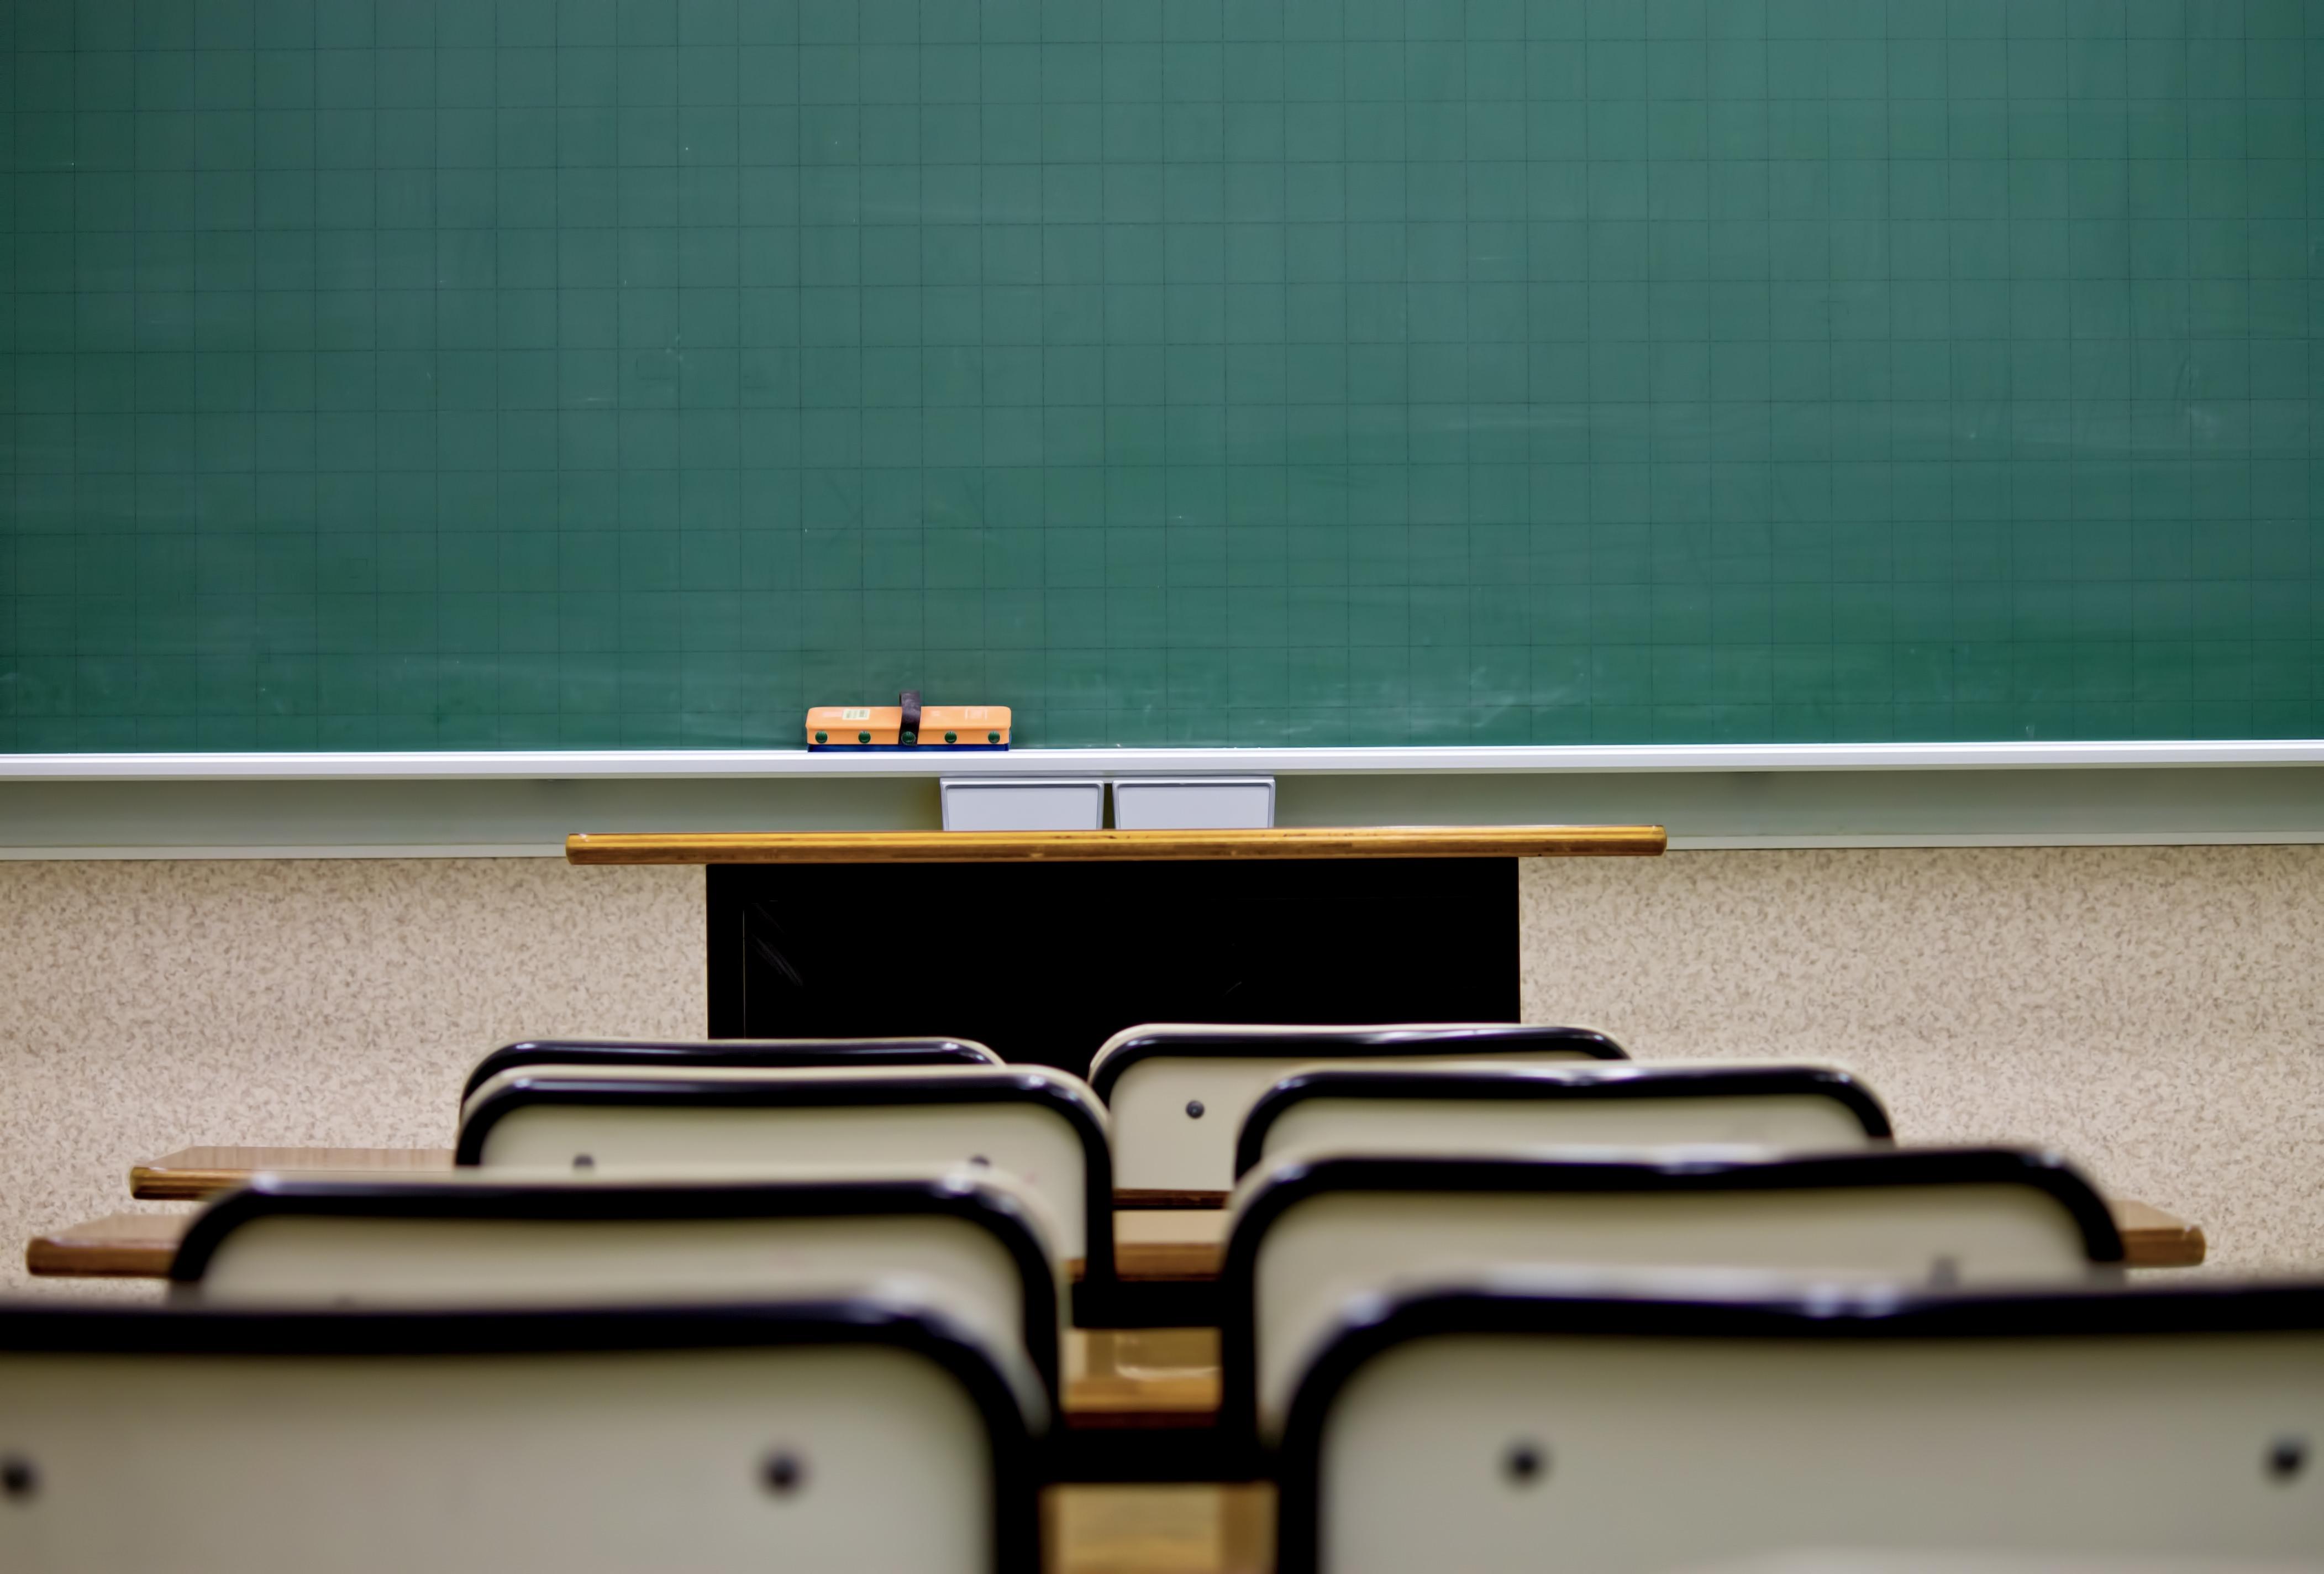 席と教室の黒板の写真(画像)を無料ダウンロード - フリー素材のぱくたそ